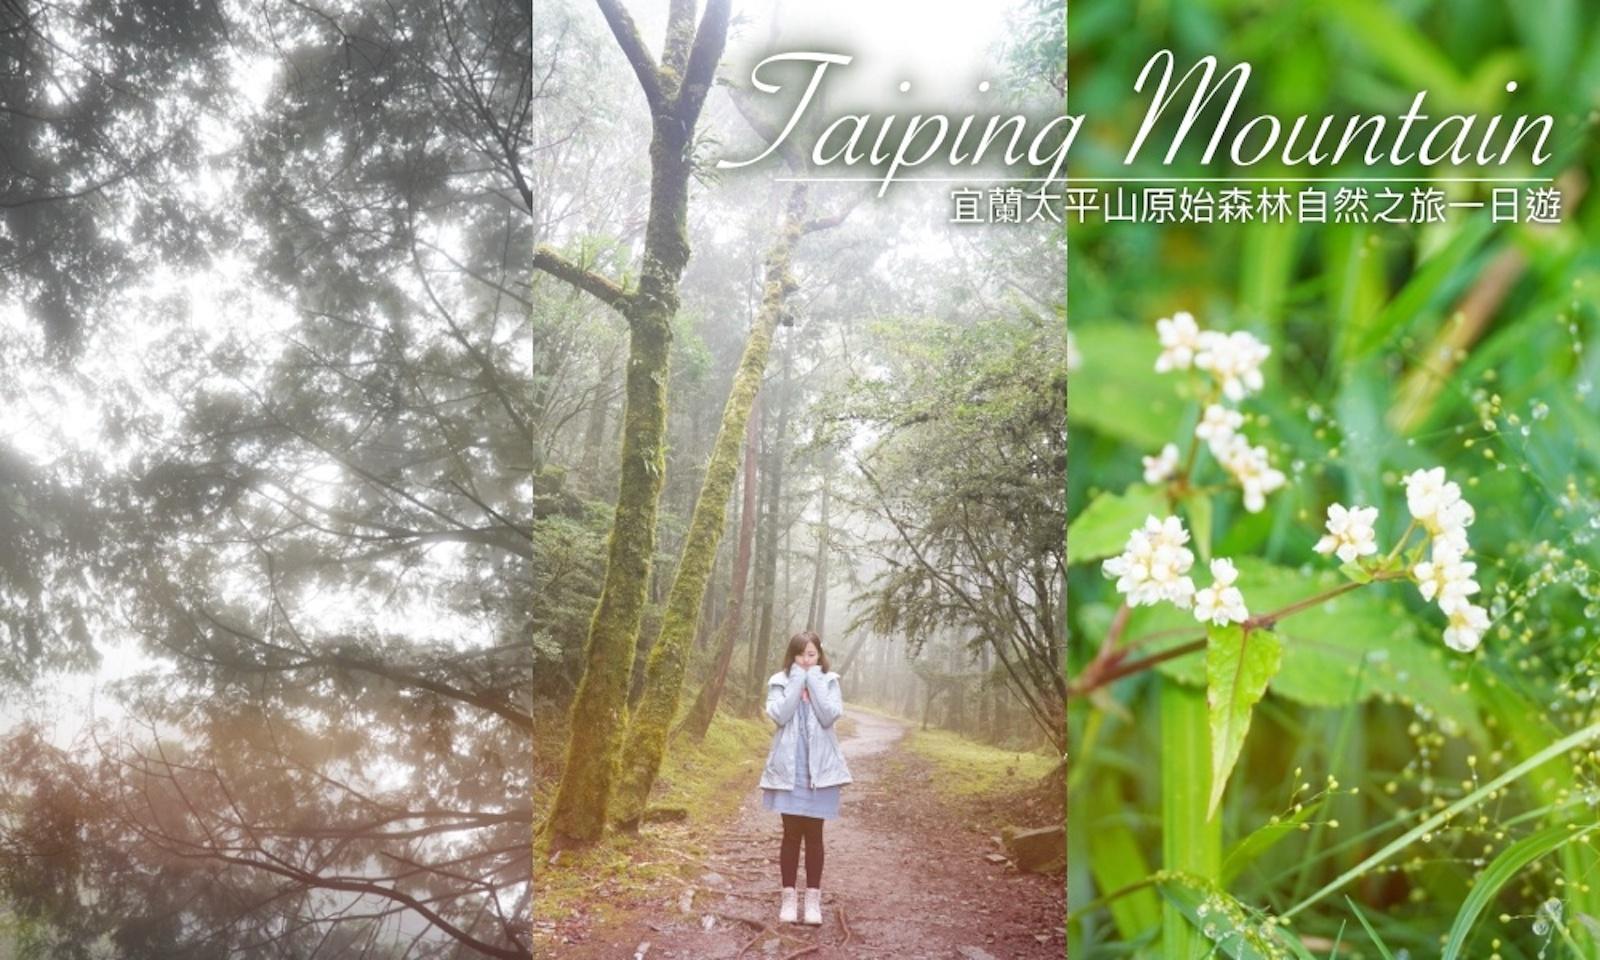 宜蘭太平山一日遊心得|太平山森林步道森呼吸,原始森林一日遊